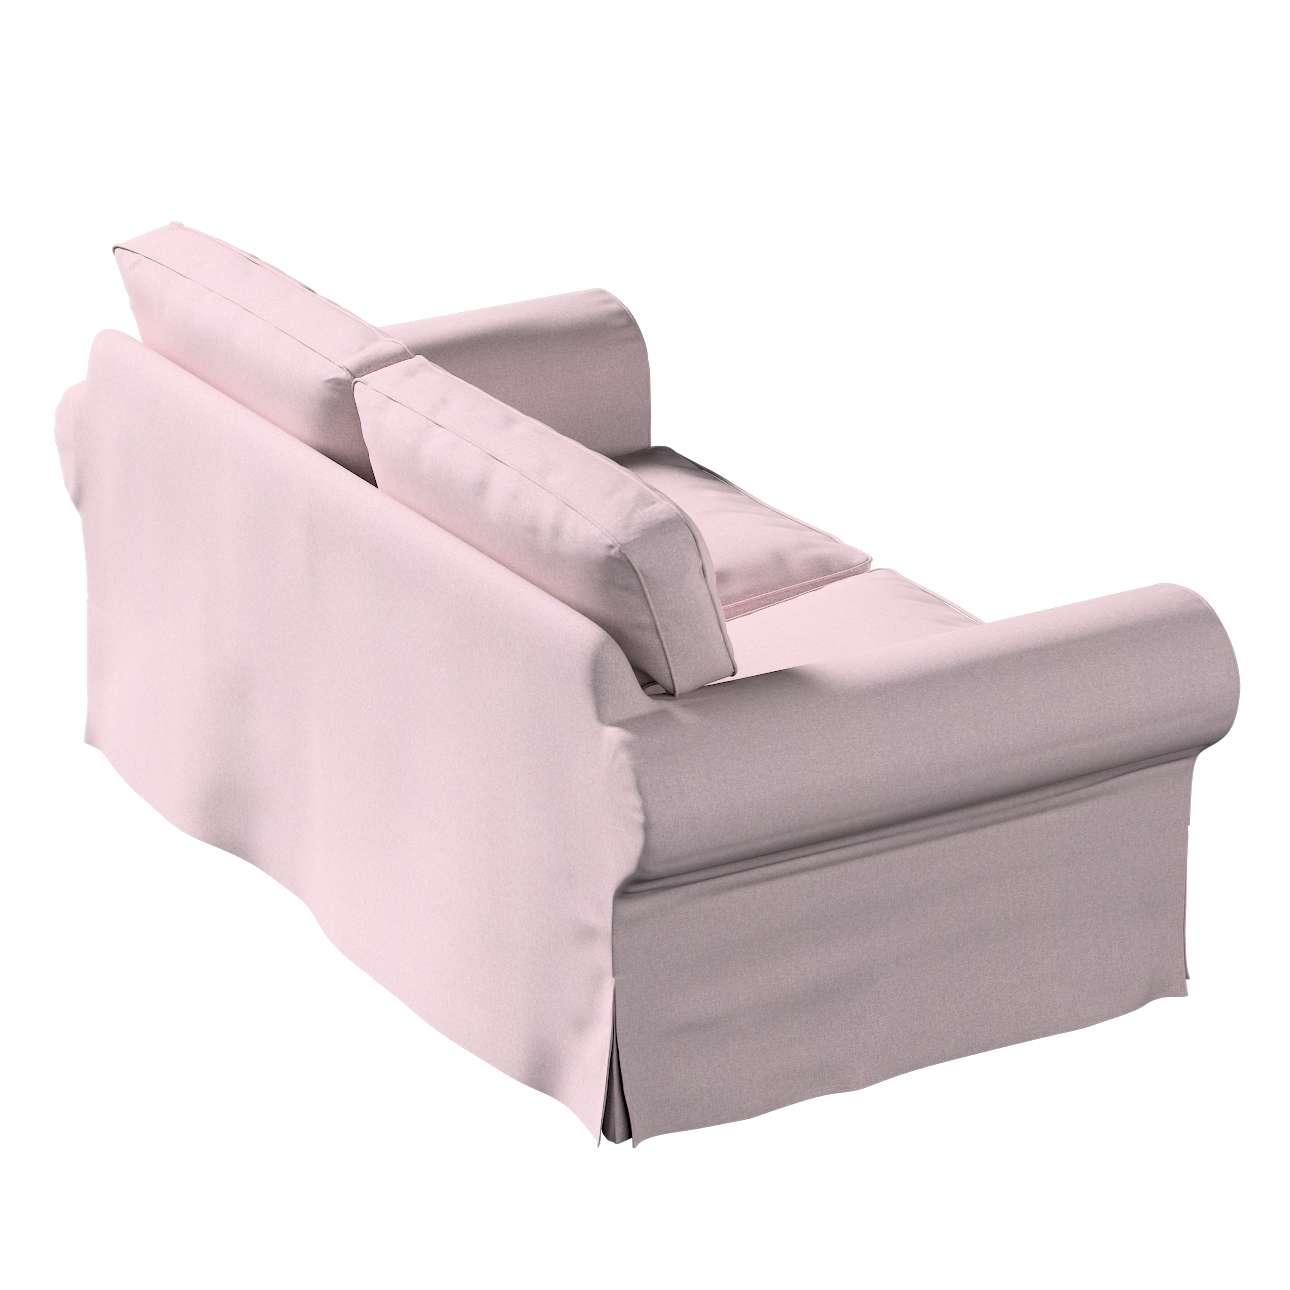 Pokrowiec na sofę Ektorp 2-osobową, rozkładaną, model do 2012 w kolekcji Amsterdam, tkanina: 704-51